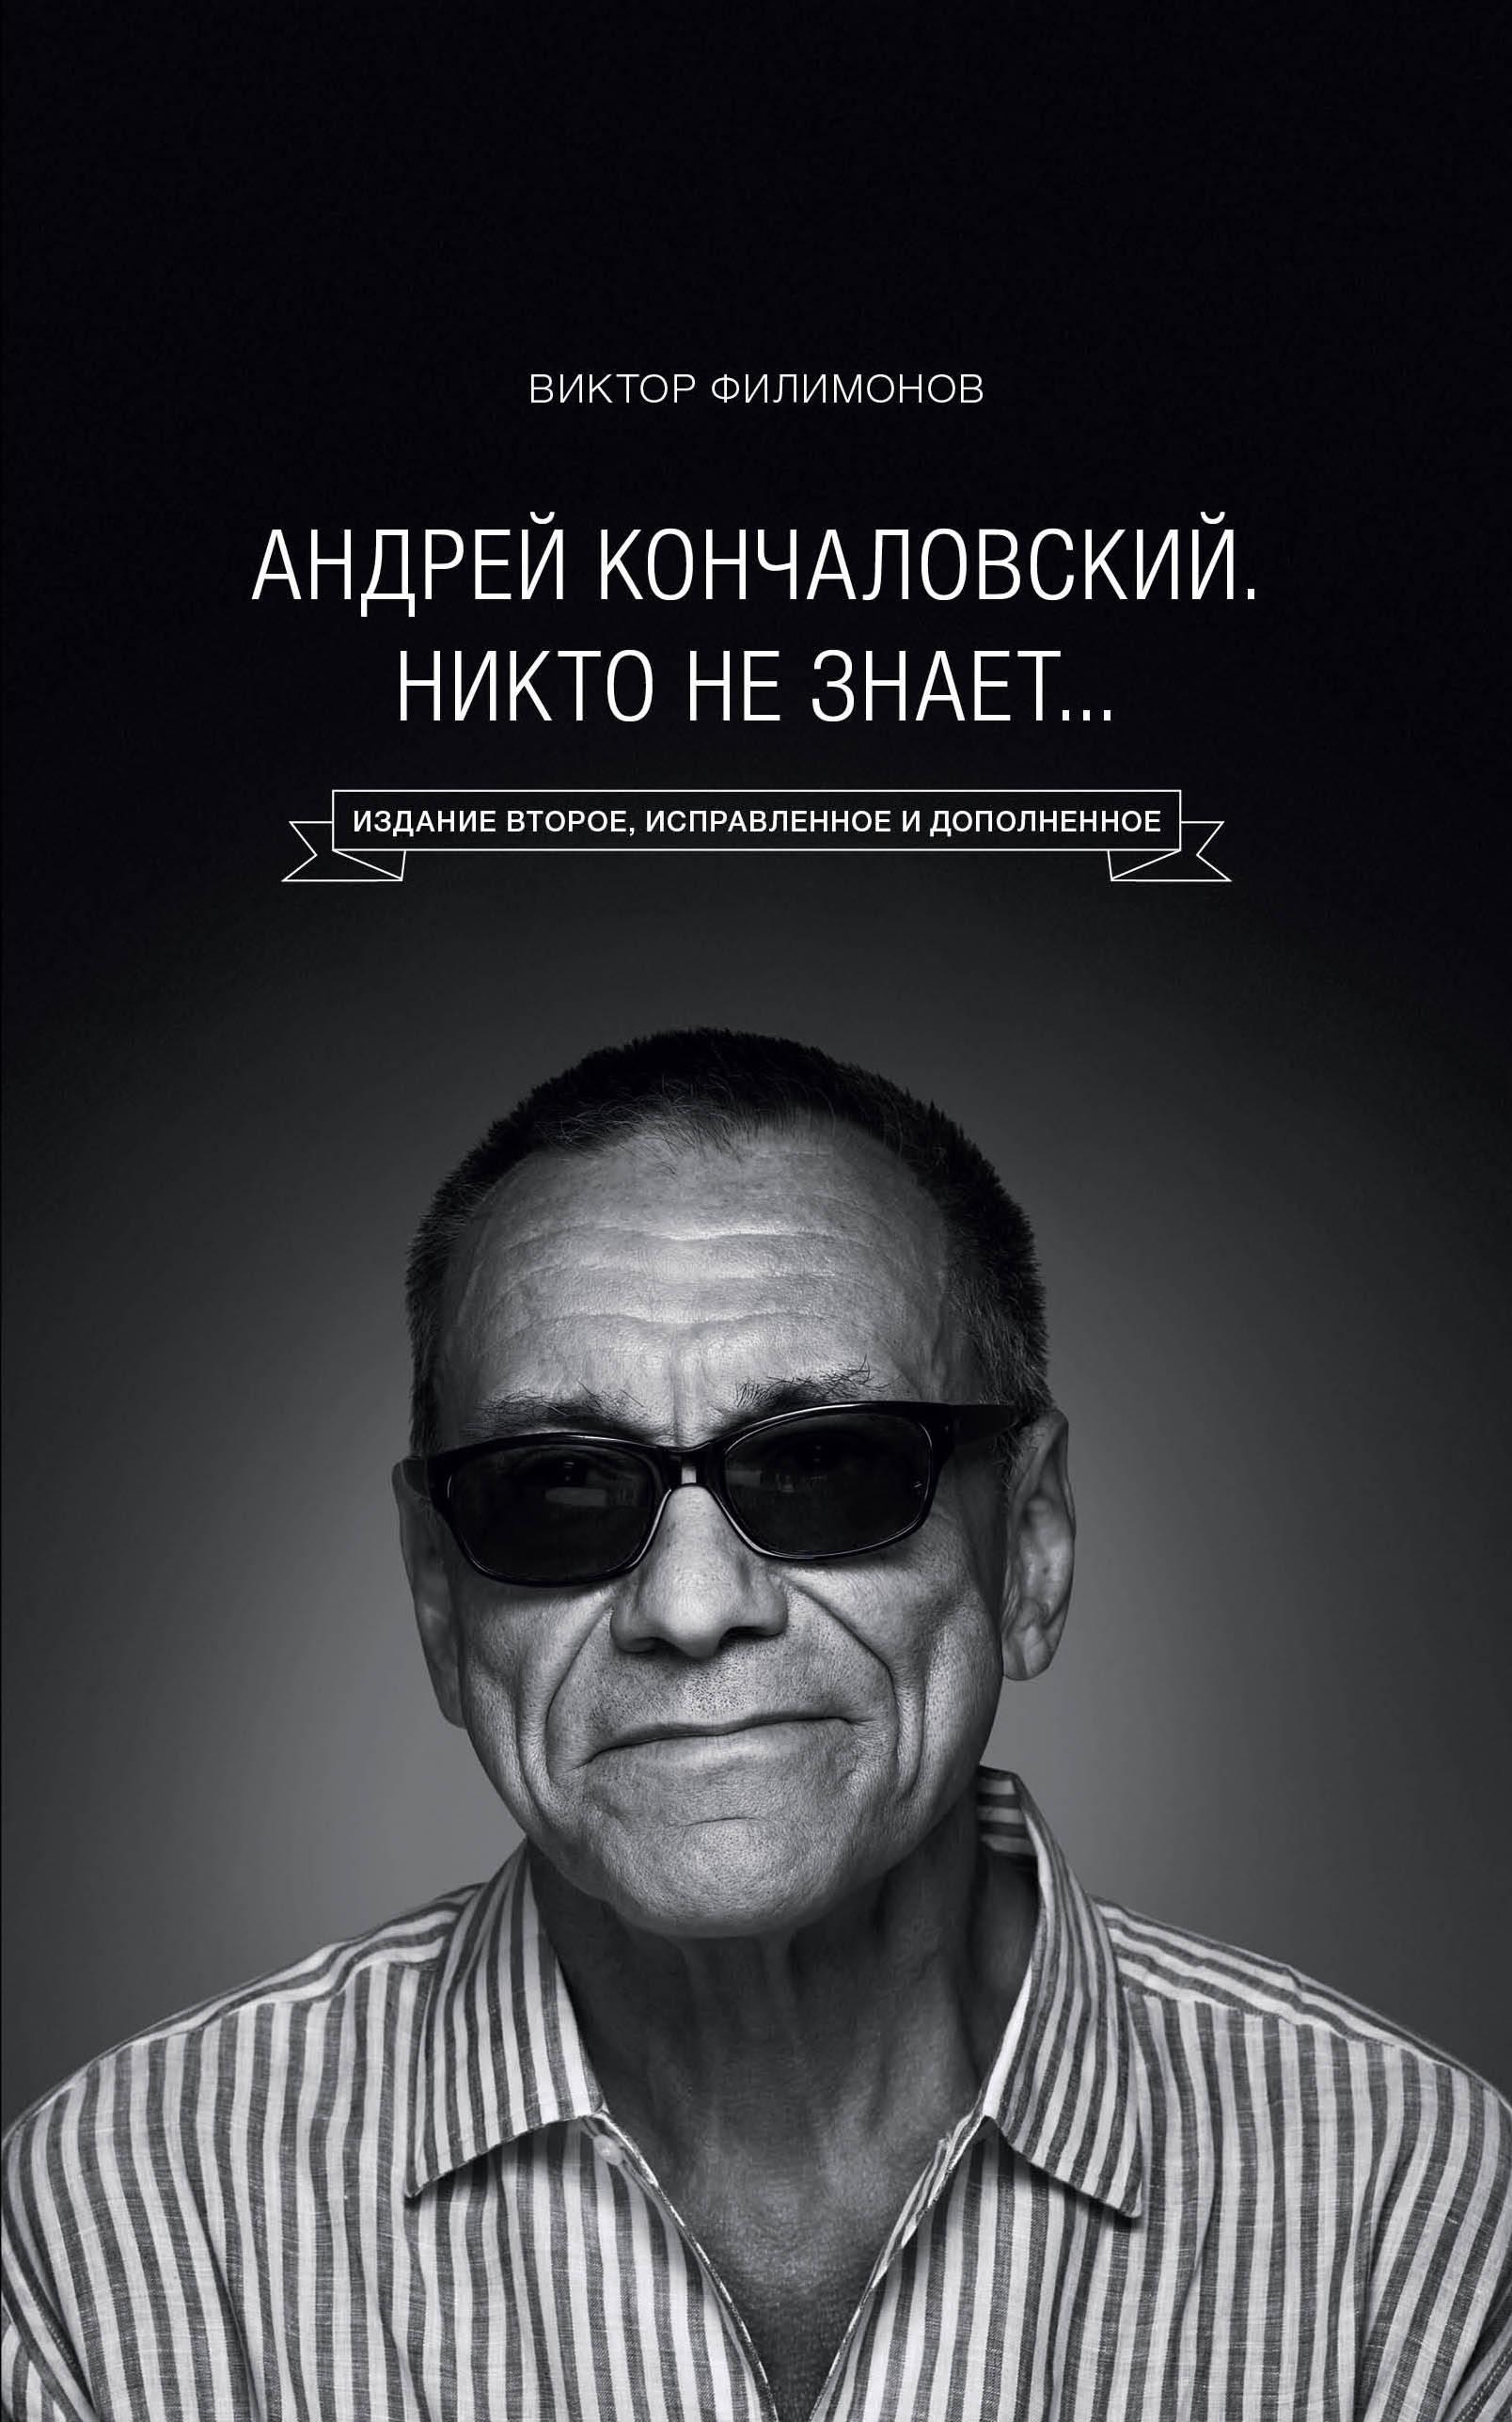 """Виктор Филимонов. """"Андрей Кончаловский. Никто не знает..."""""""